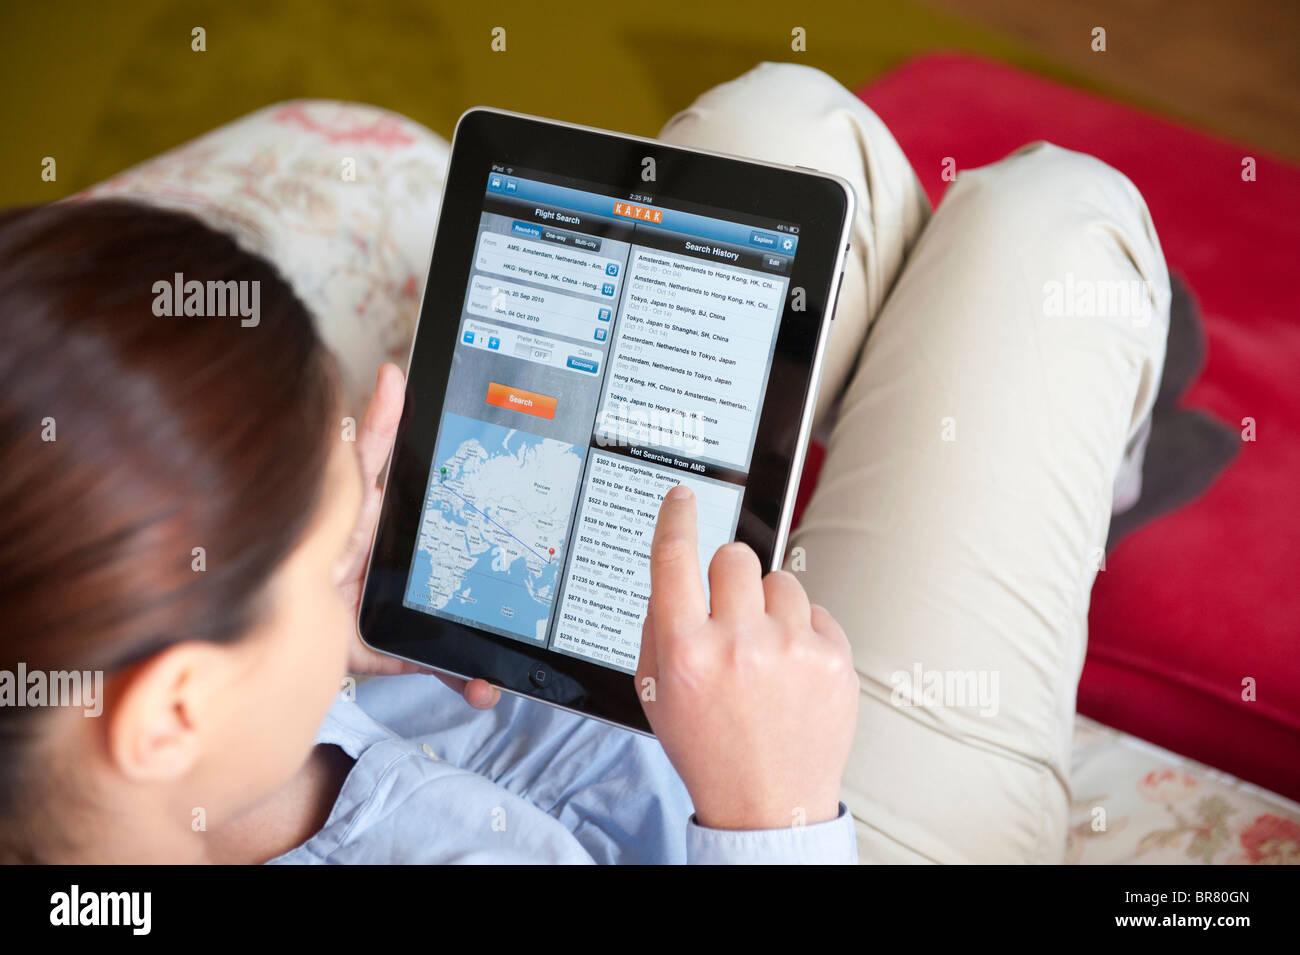 Donna che utilizza computer tablet iPad per prenotare vacanza on-line utilizzando Kayak applicazione di viaggio Immagini Stock